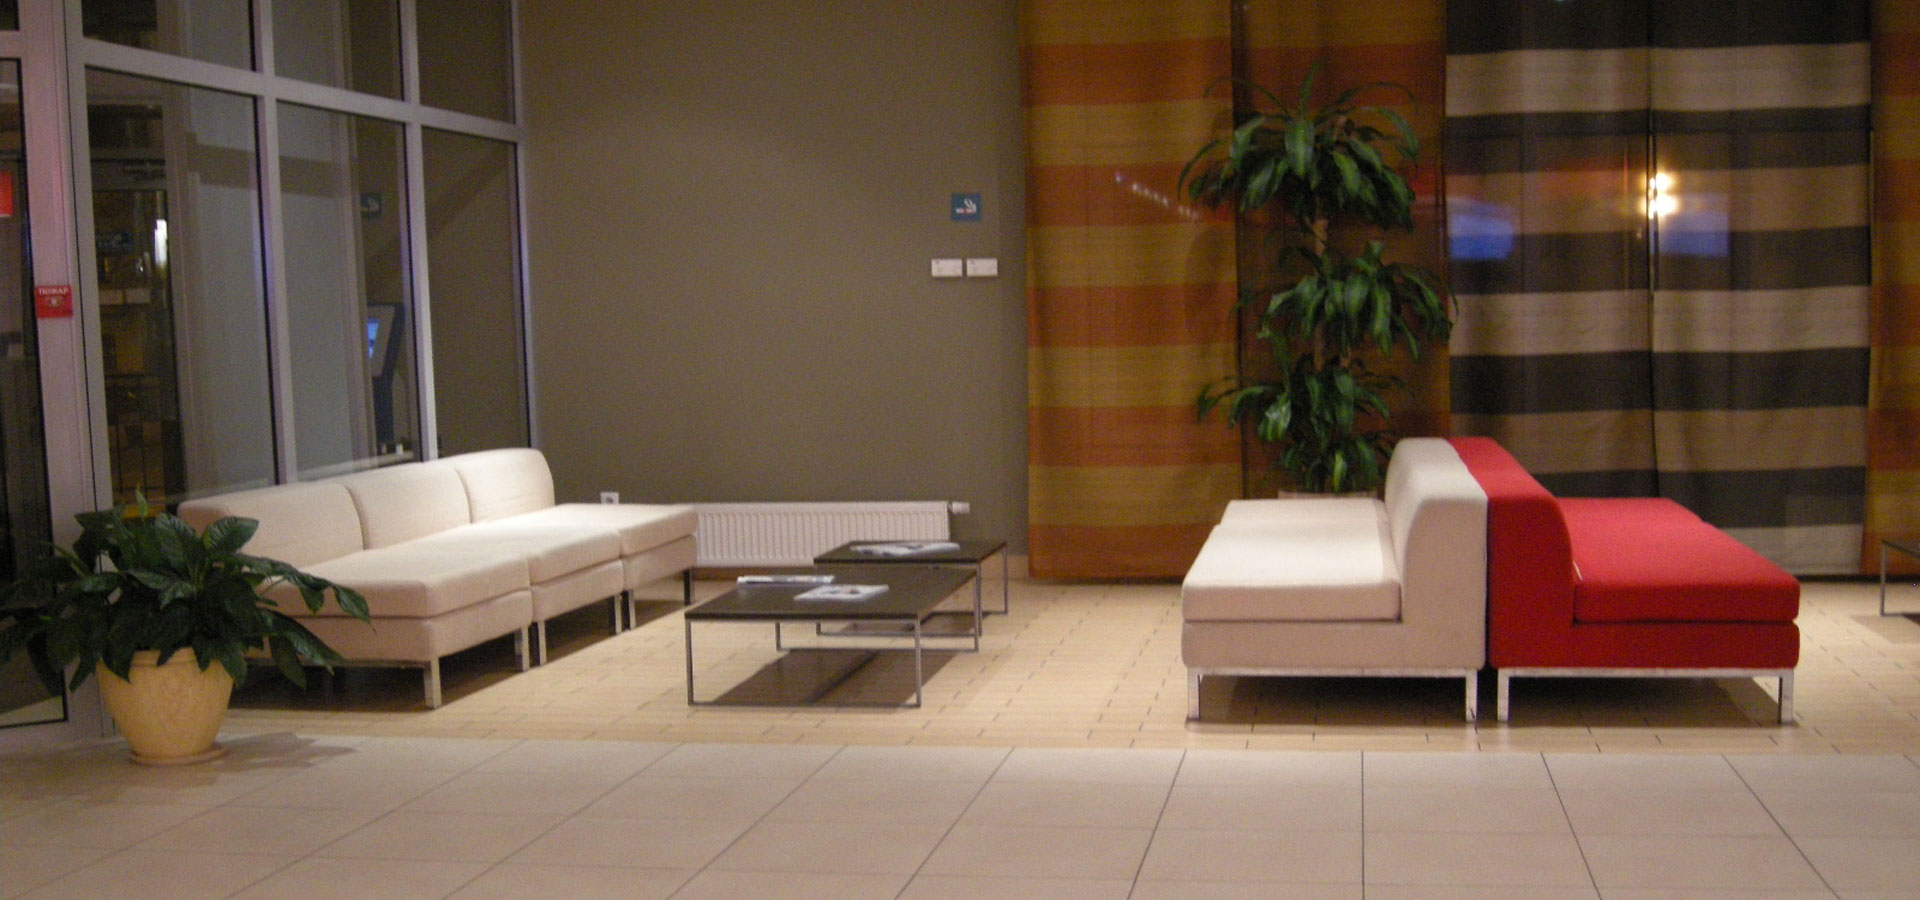 domingo-progettireferences_hotel-ibis_ucraina2